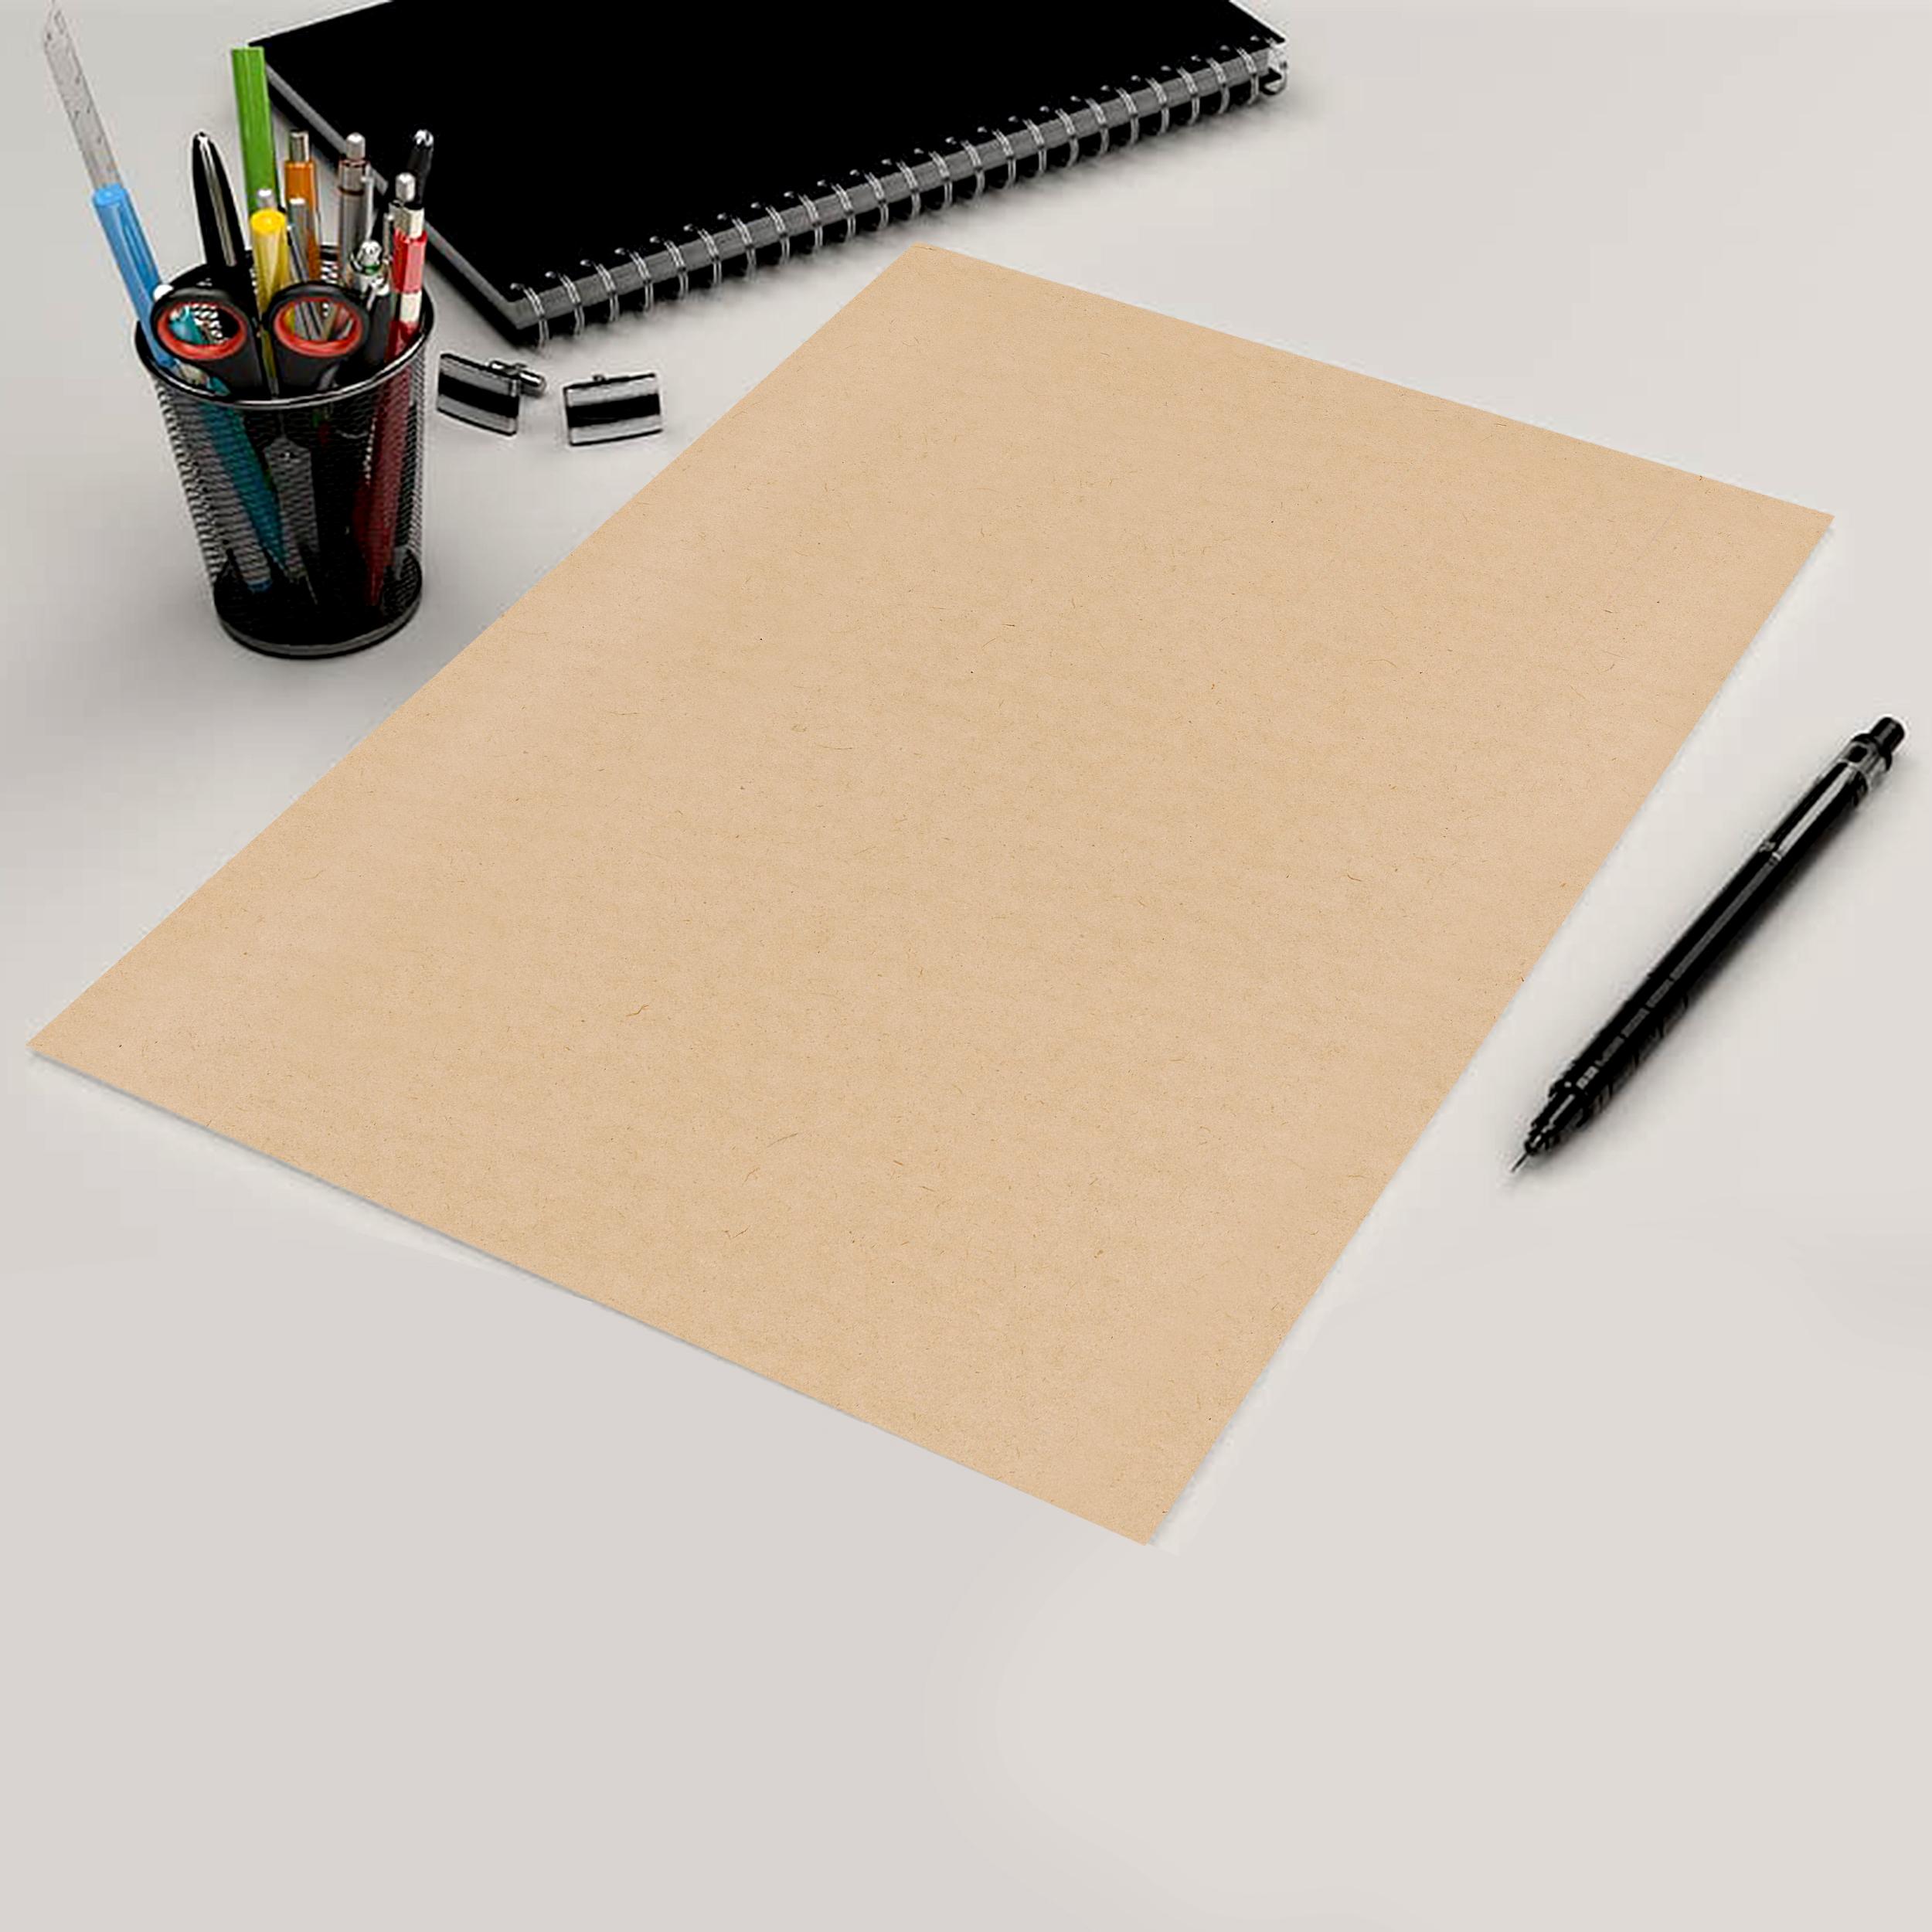 کاغذ کرافت مستر راد کد 1436 بسته 50 عددی main 1 21